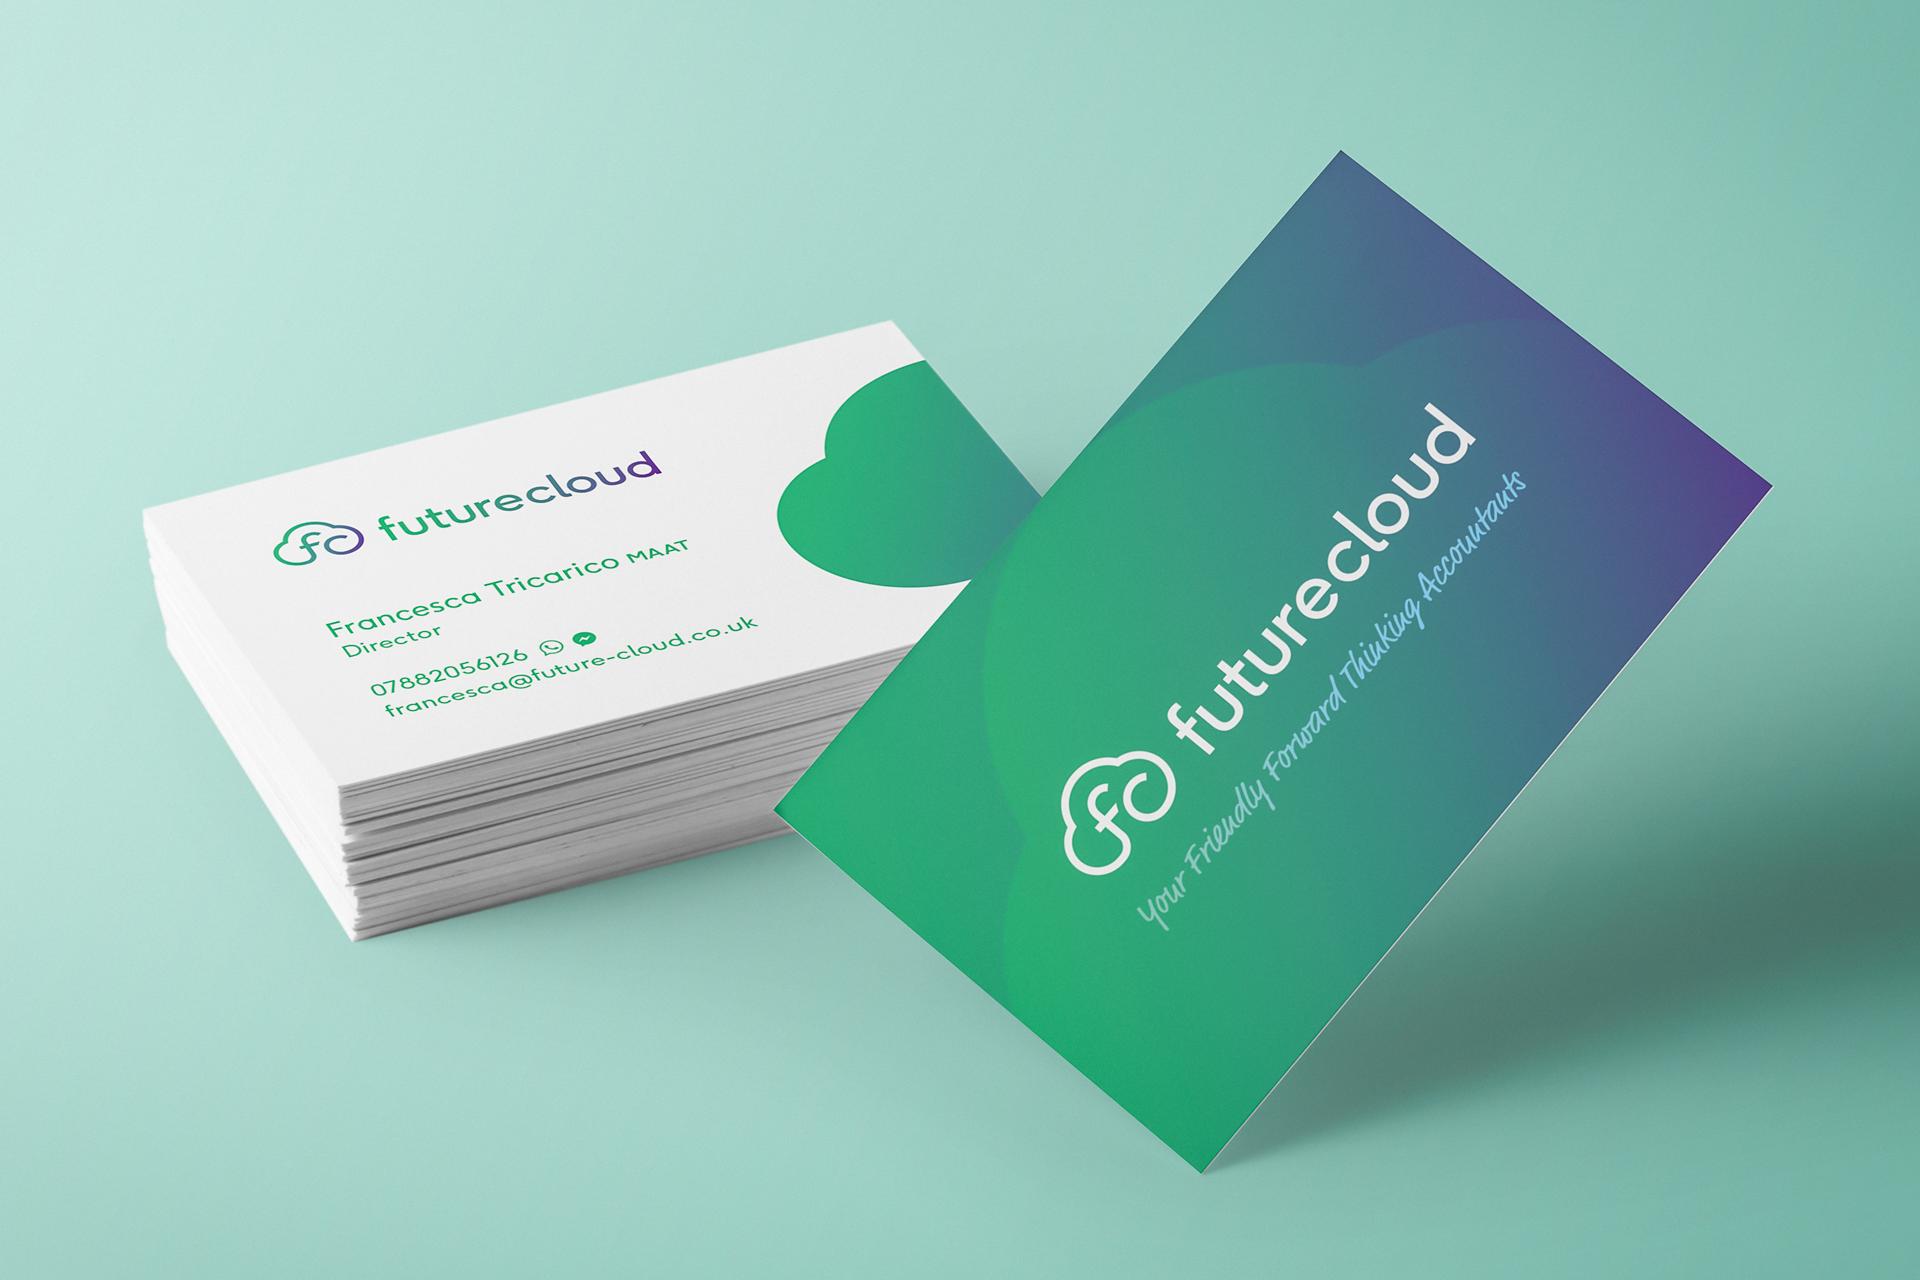 FutureCloud-Business-Card.png